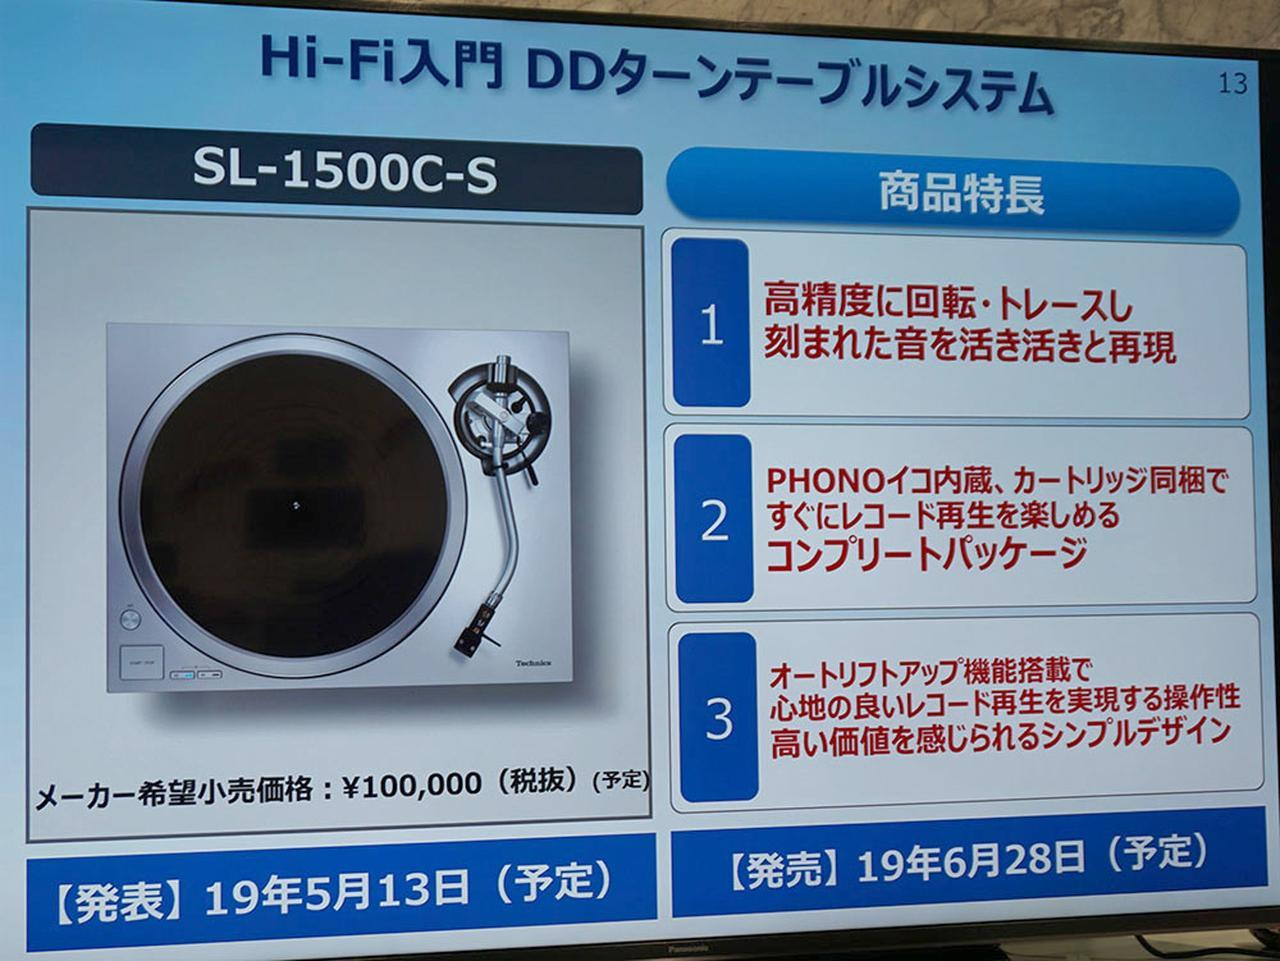 画像1: テクニクスから、入門層向けターンテーブル「SL-1500C」が発売される。MMカートリッジ付属&フォノイコライザー内蔵で、すぐにレコードが楽しめる